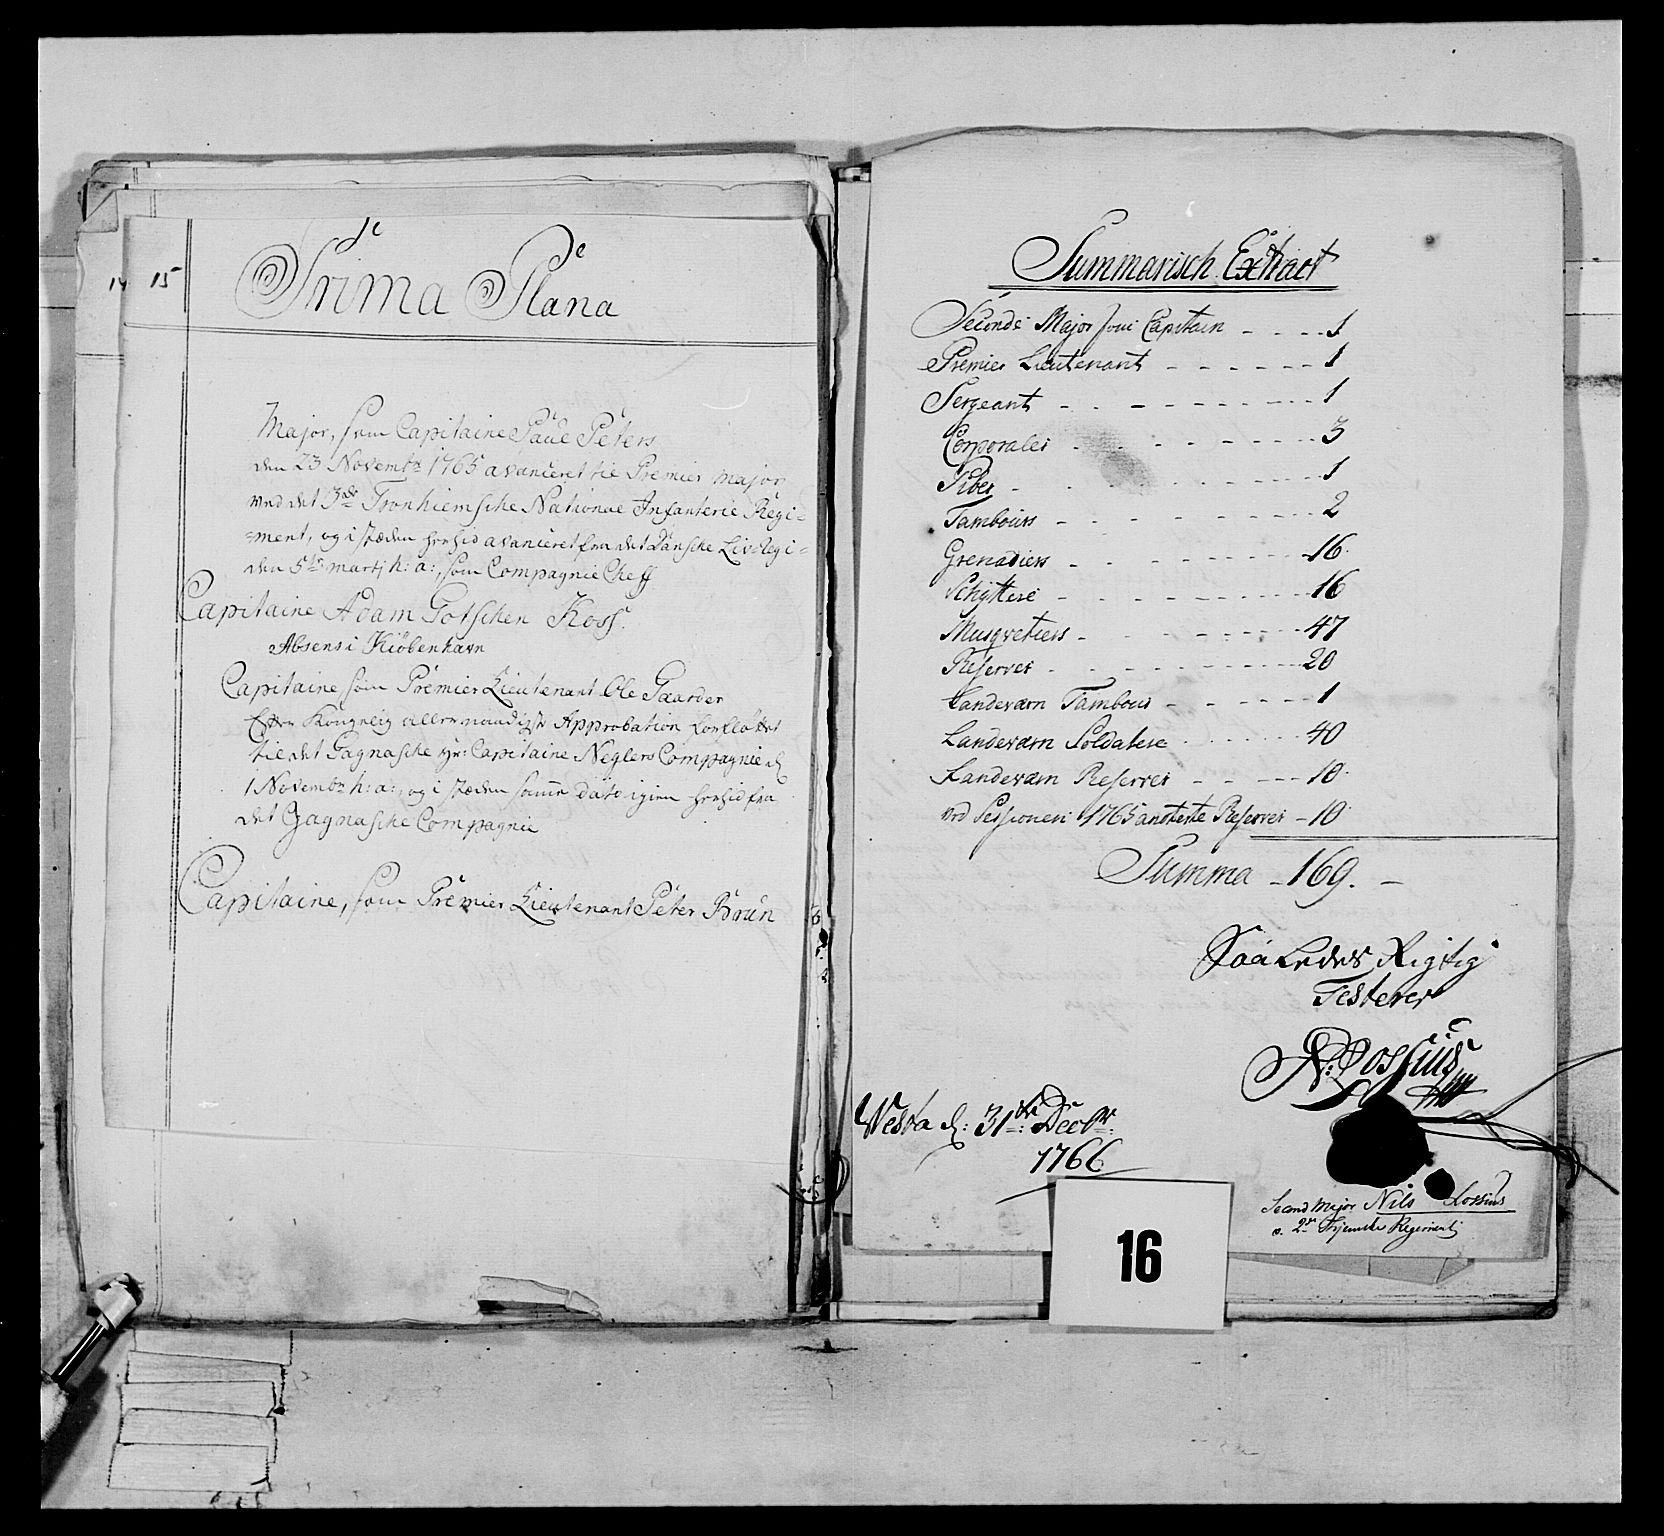 RA, Generalitets- og kommissariatskollegiet, Det kongelige norske kommissariatskollegium, E/Eh/L0076: 2. Trondheimske nasjonale infanteriregiment, 1766-1773, s. 29